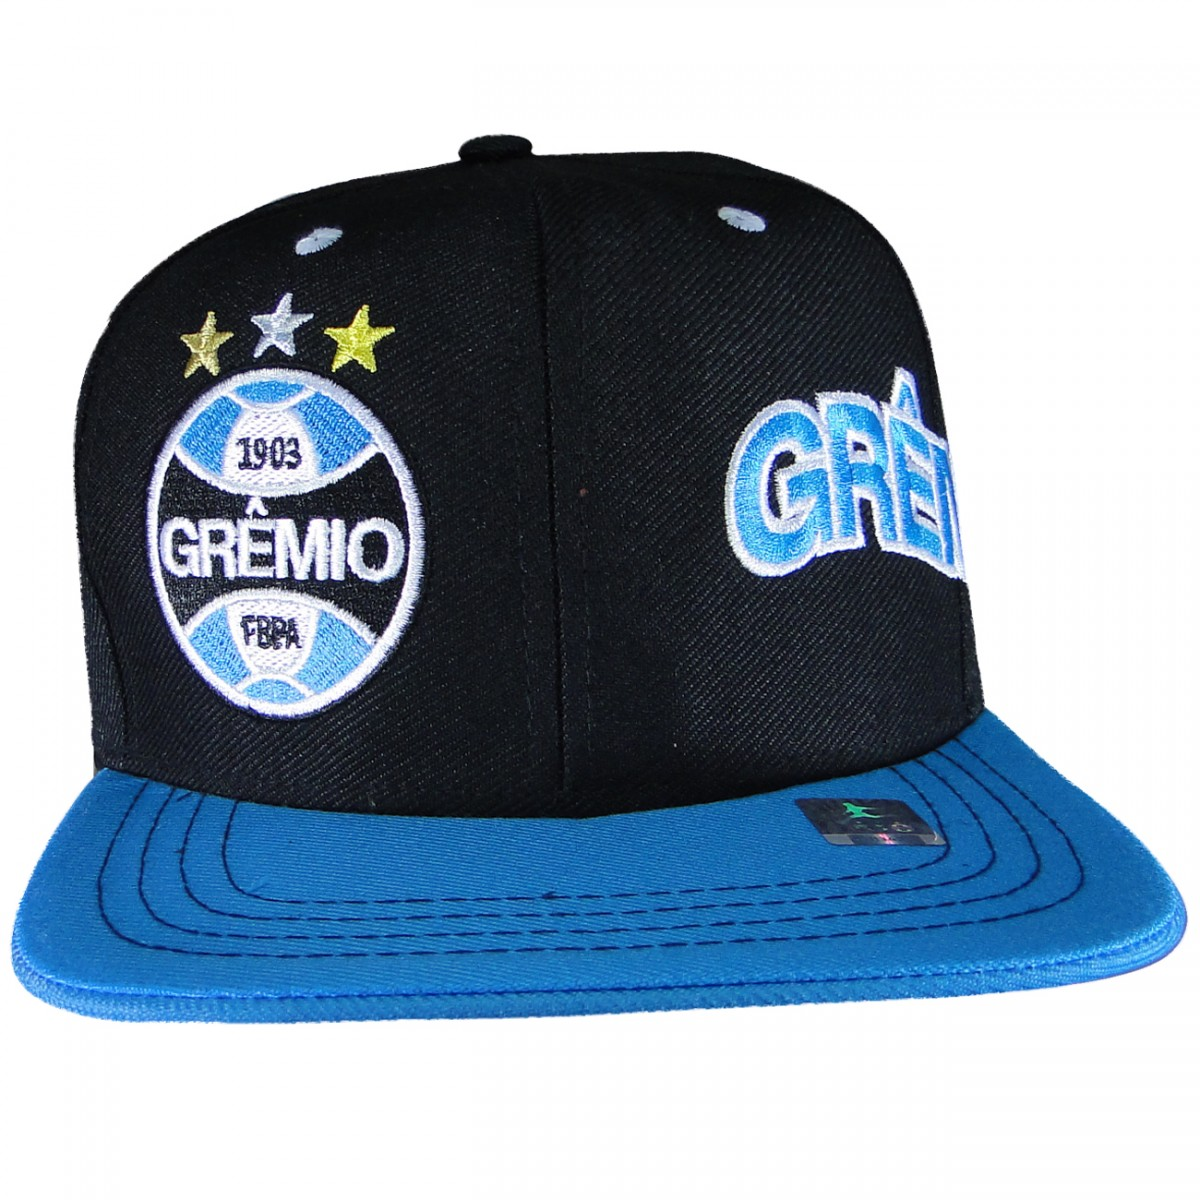 Bone Gremio Aba Reta GR301 - Tricolor - Chuteira Nike 11e5a88a927